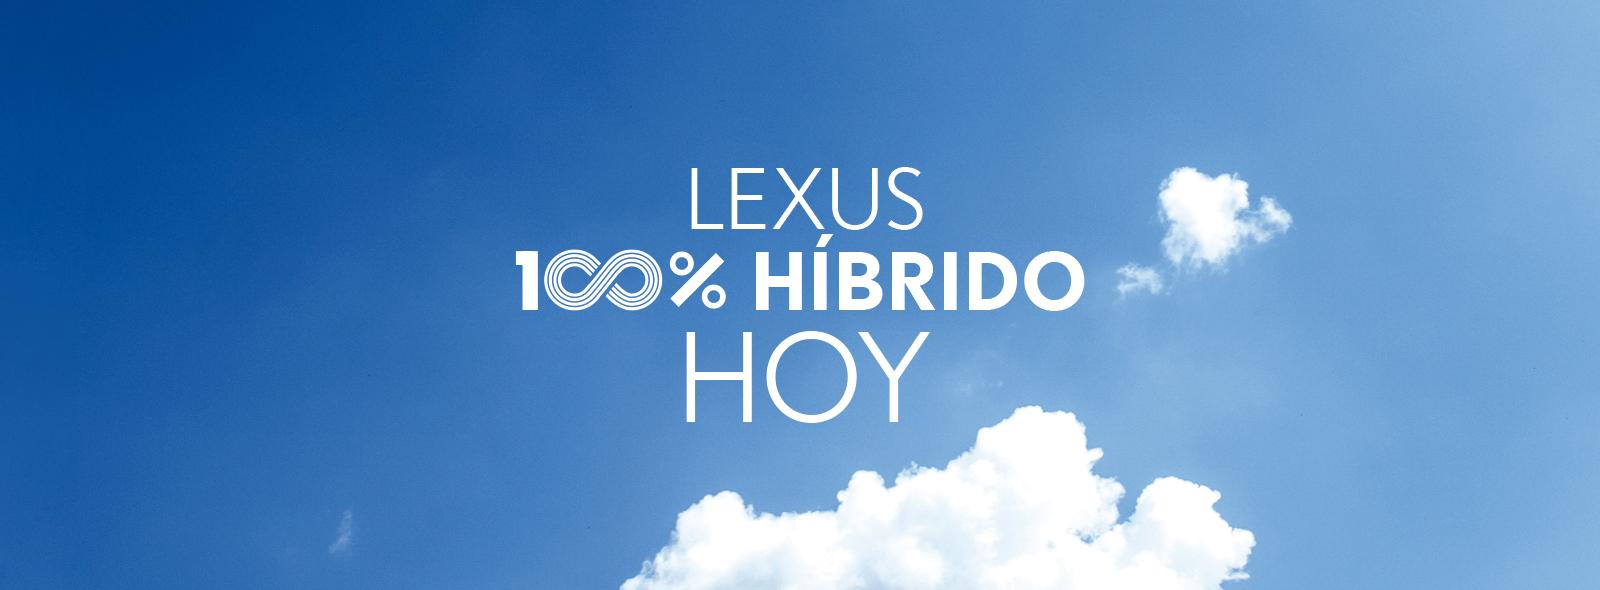 Cabecera del video de Lexus 100 Hybrid hoy